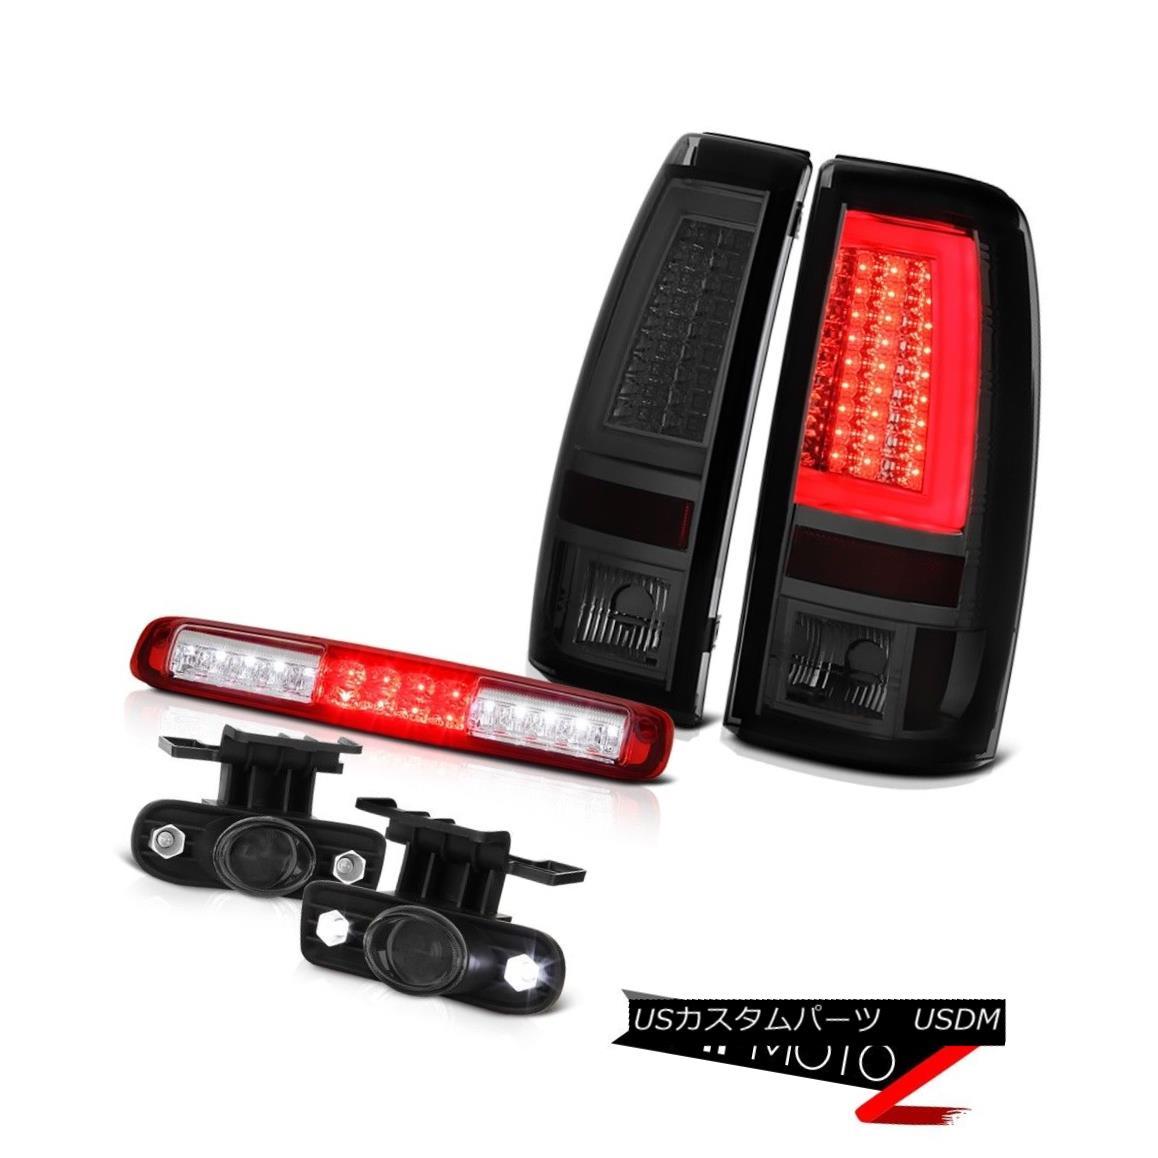 テールライト 99-02 Silverado 6.0L Graphite Smoke Tail Lamps Red High Stop Light Foglights LED 99-02 Silverado 6.0Lグラファイト煙テールランプレッドハイストップライトFoglights LED